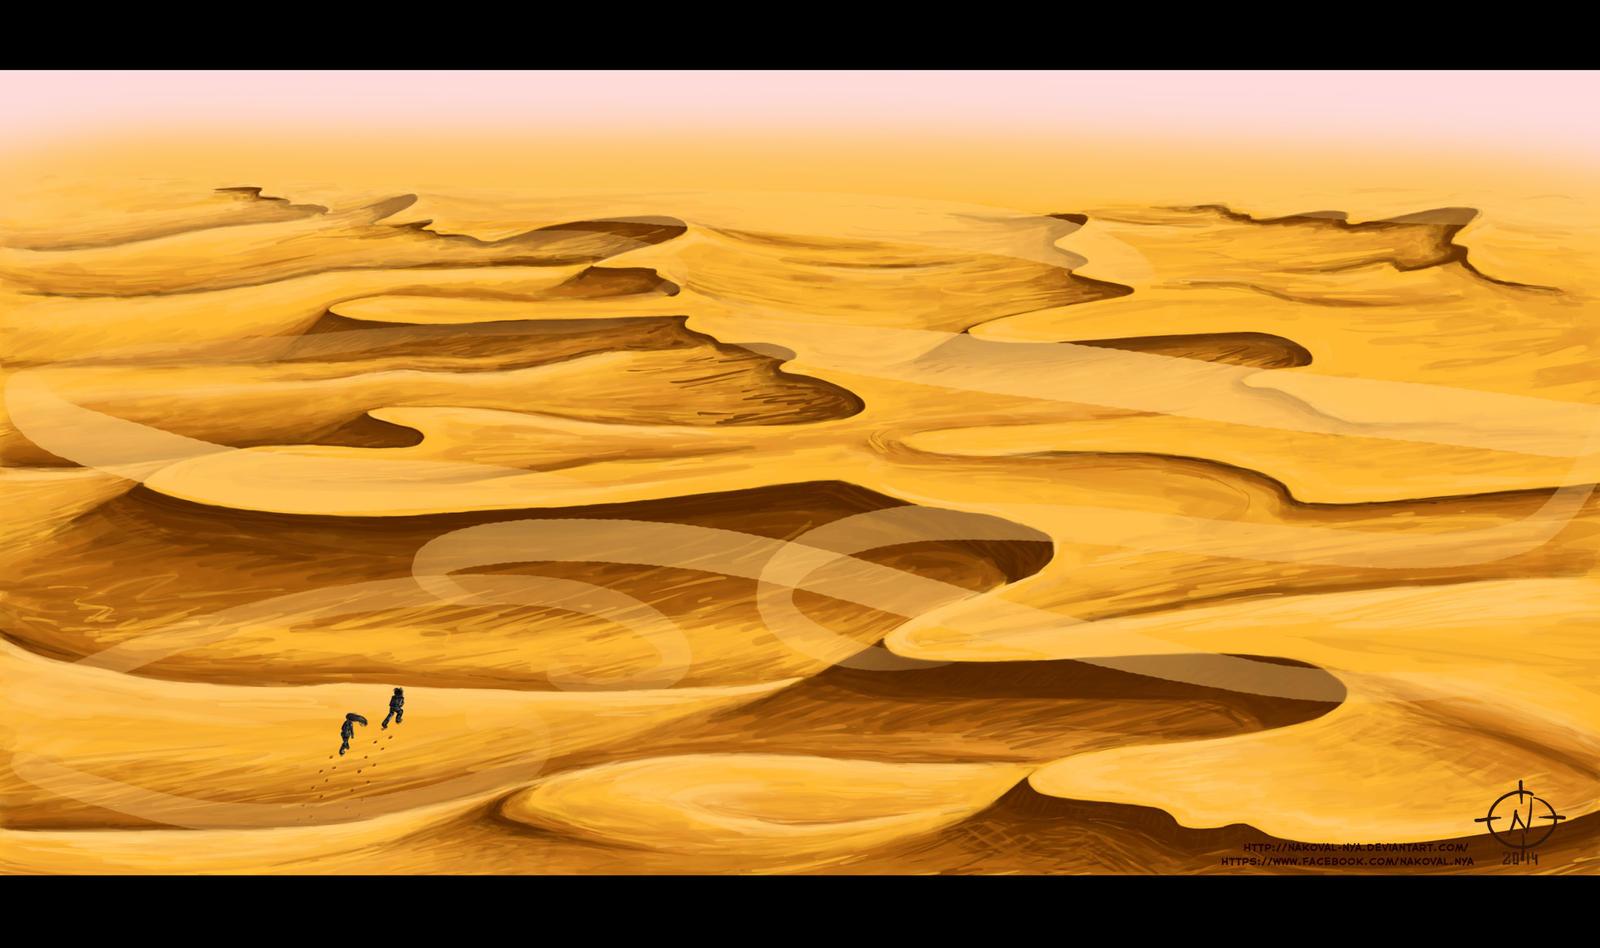 Dune by Nakovalnya-Art